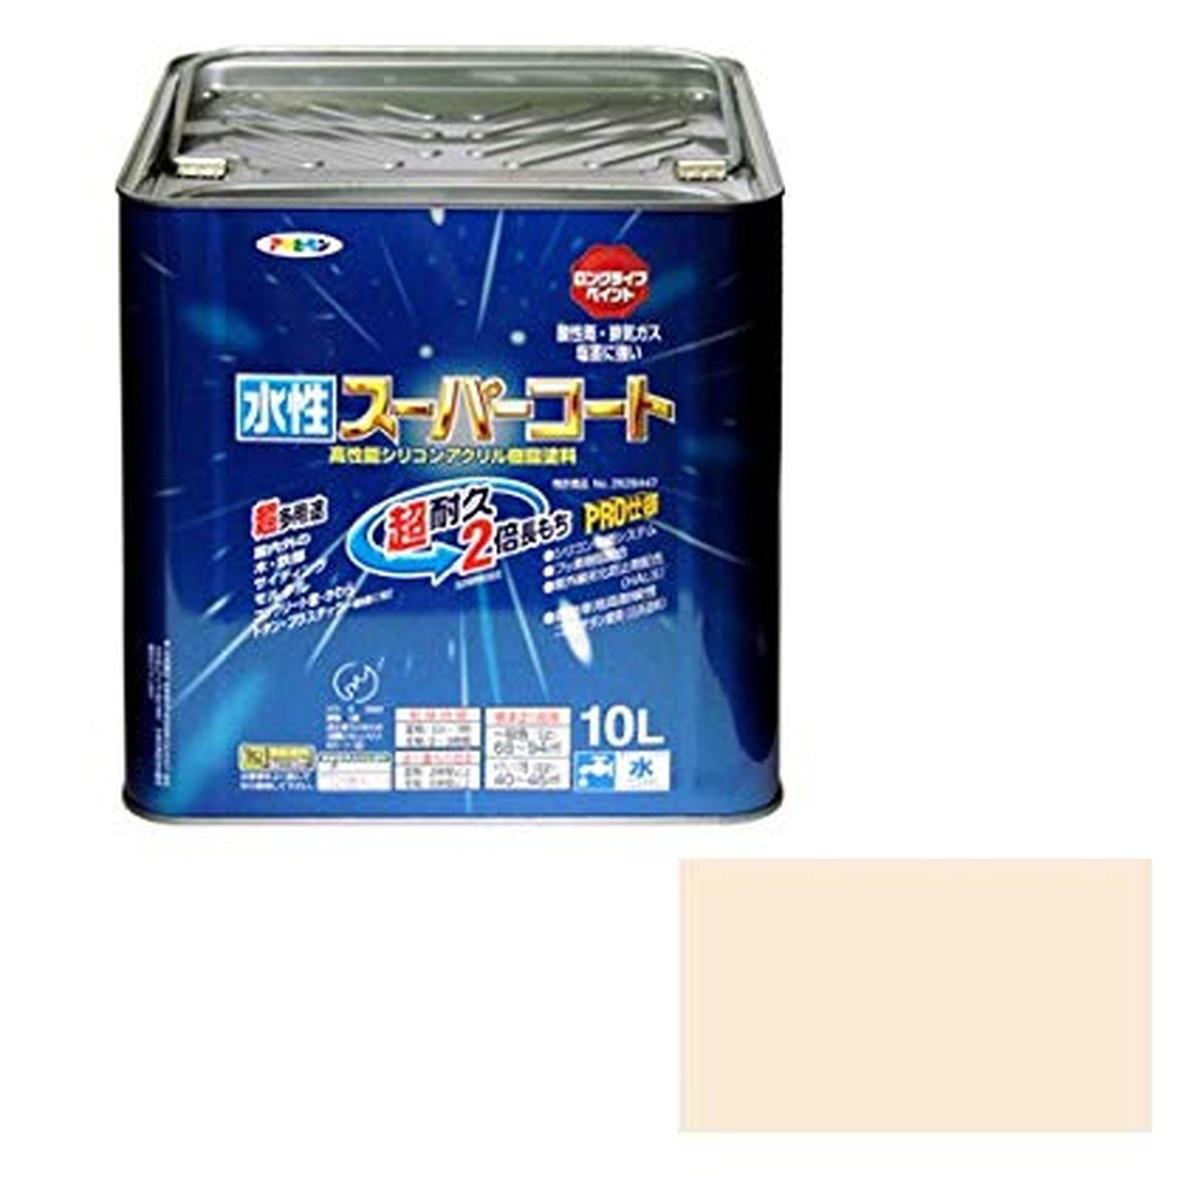 アサヒペン ペンキ 水性スーパーコート 水性多用途 ミルキーホワイト 10L